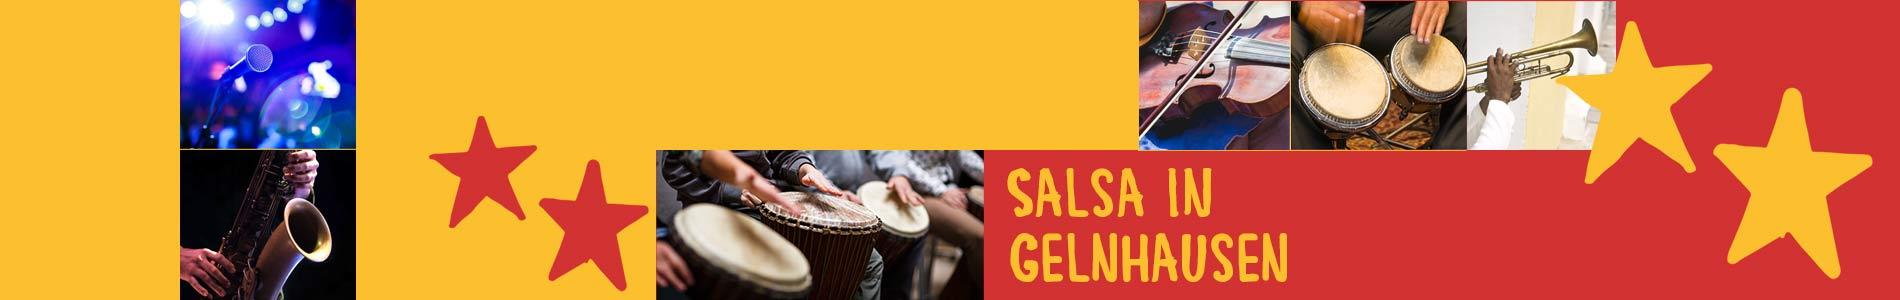 Salsa in Gelnhausen – Salsa lernen und tanzen, Tanzkurse, Partys, Veranstaltungen